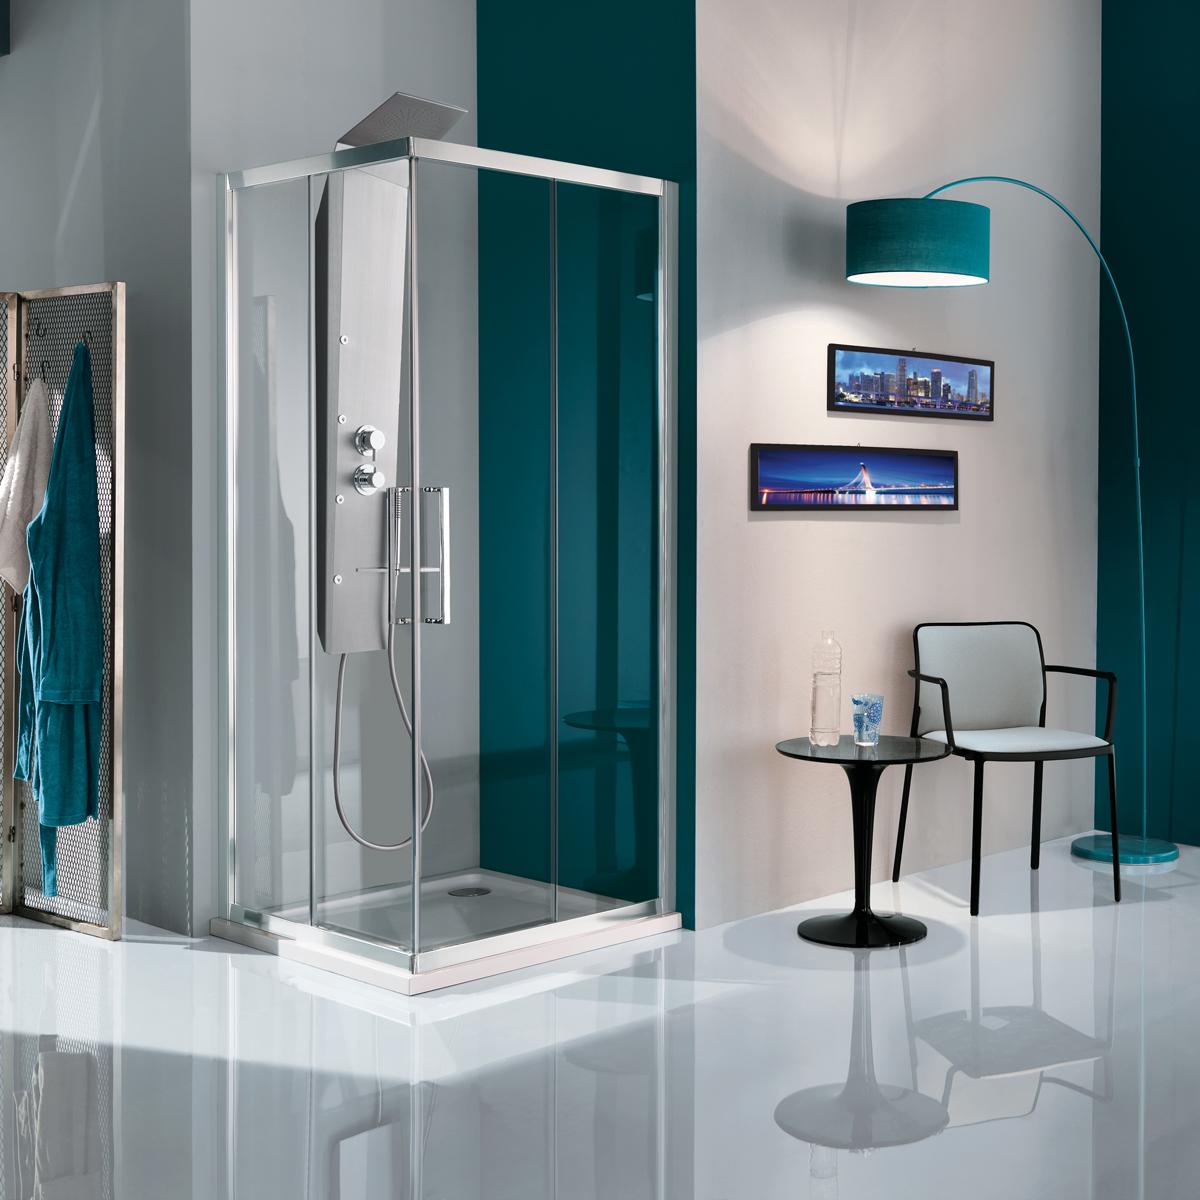 MODERN SHOWER DESIGN IDEAS - glamspaces